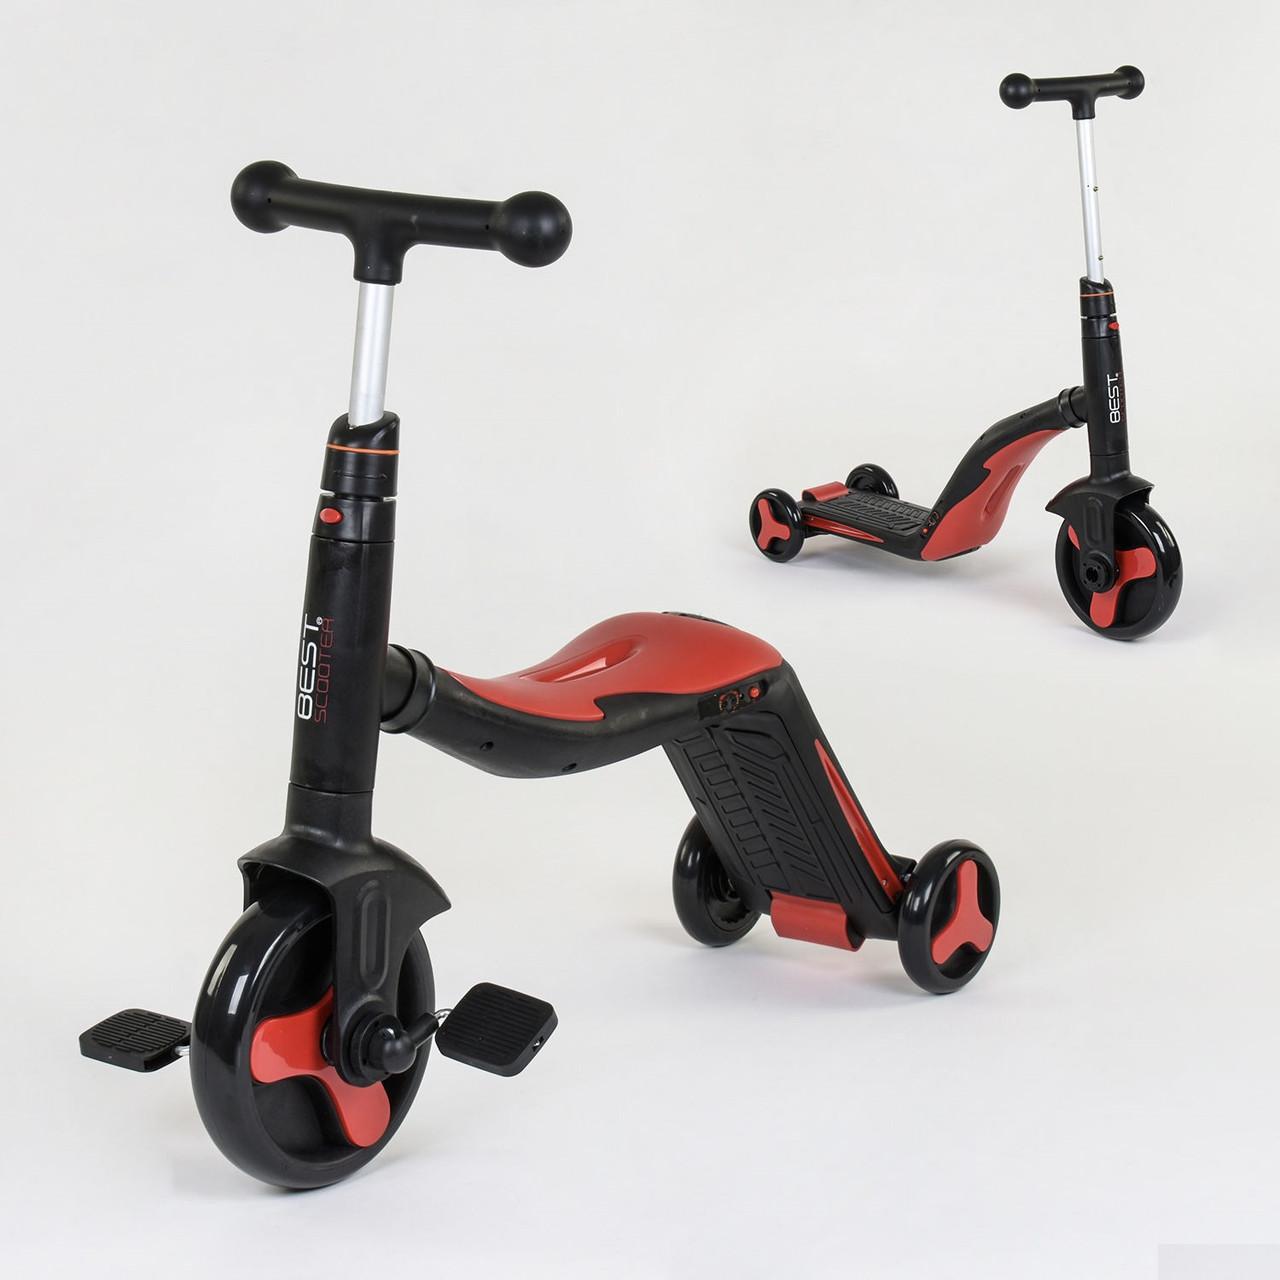 Самокат 3в1 Best scooter 28228 (самокат-велобіг від-велосипед), світло, 8 мелодій, PU колеса